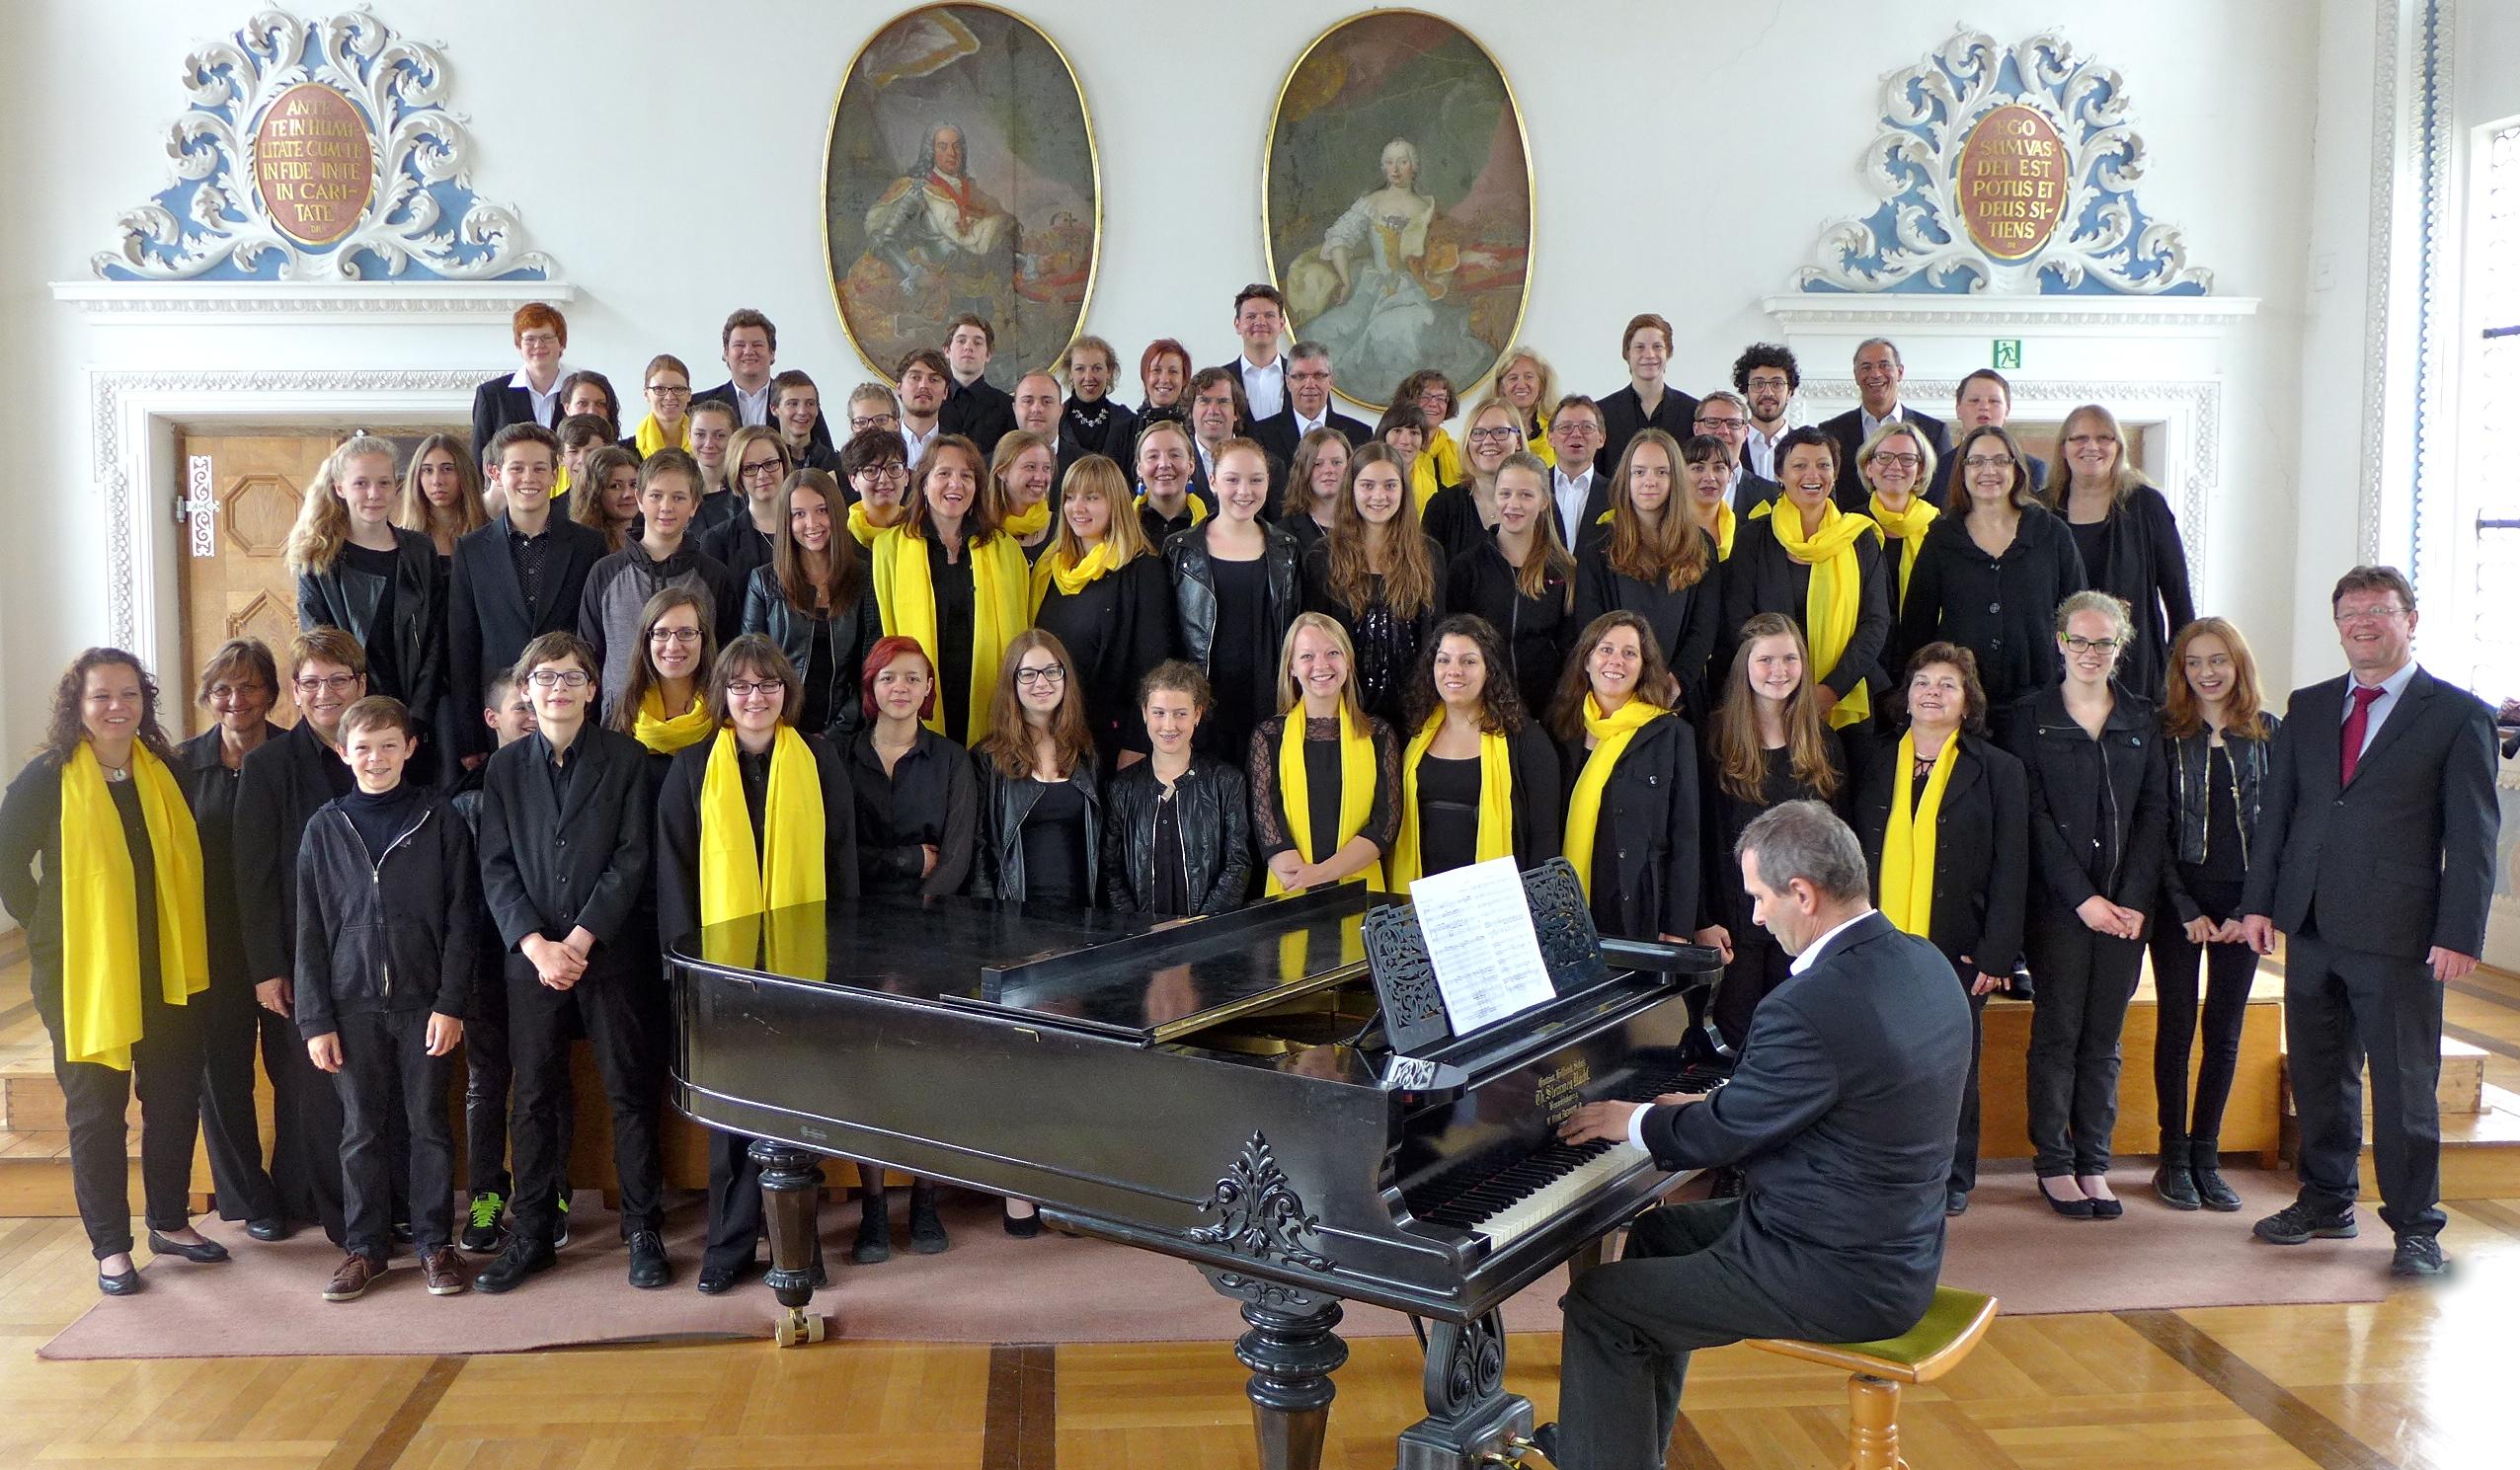 camerata vocale Günzburg und die Chorschule des St.-Thomas-Gymnasiums Wettenhausen